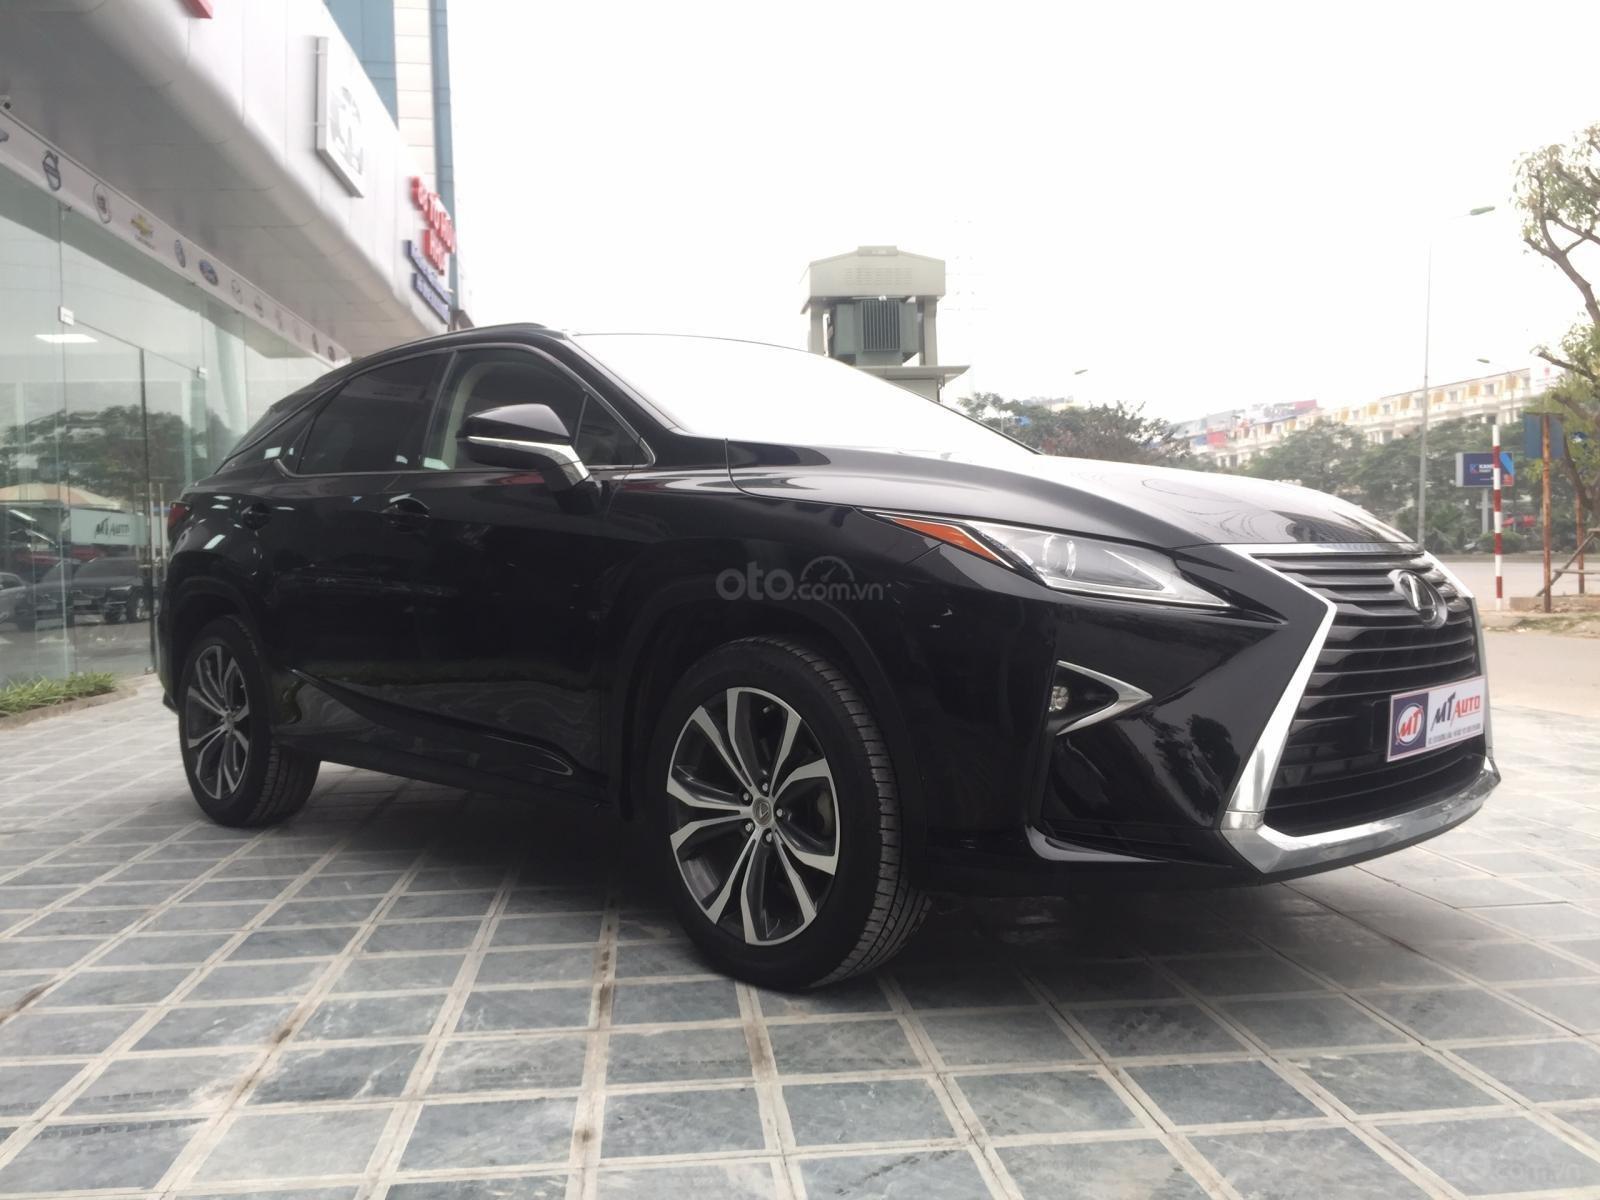 Bán Lexus Rx 200t sản xuất năm 2016, màu đen, xe nhập chính hãng, Lh em Hương 0945392468-1